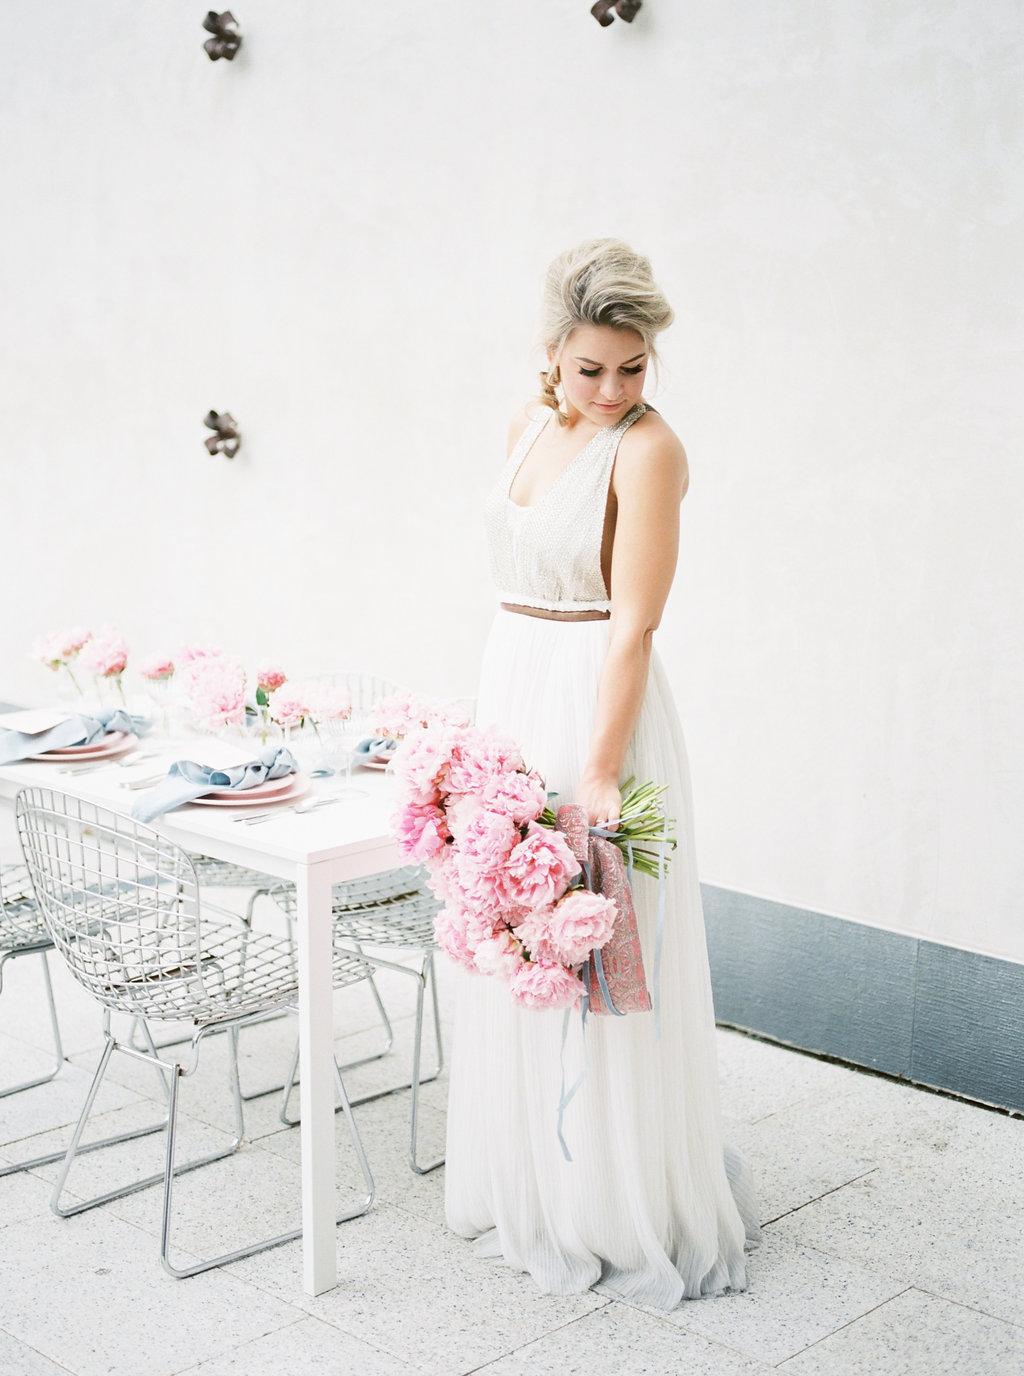 bridal wedding inspiration - photo by Awake Photography https://ruffledblog.com/sweet-peony-bridal-inspiration